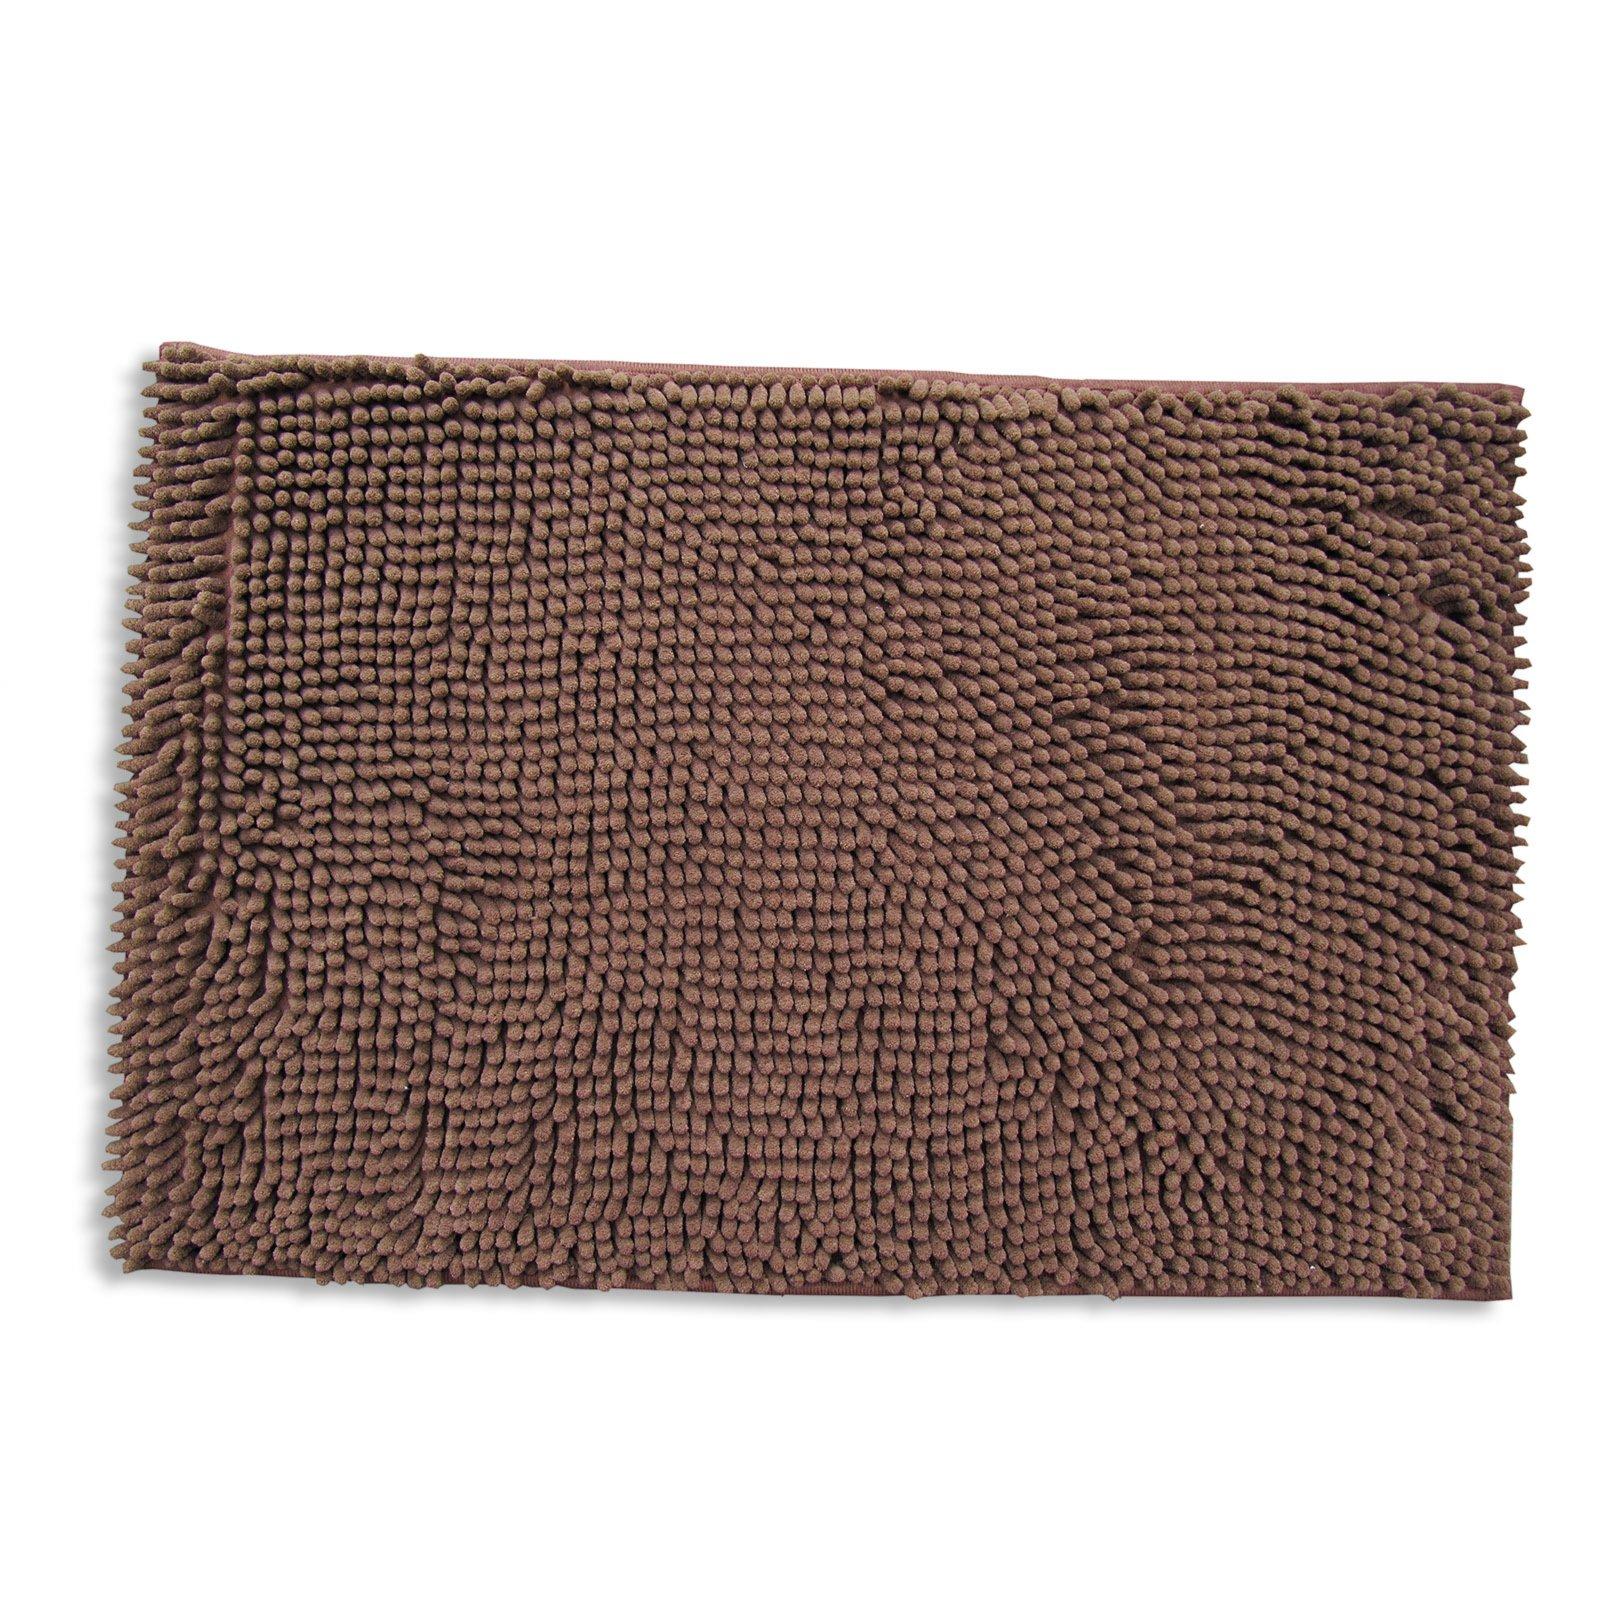 badteppich chenille braun 60x100 cm badteppiche. Black Bedroom Furniture Sets. Home Design Ideas